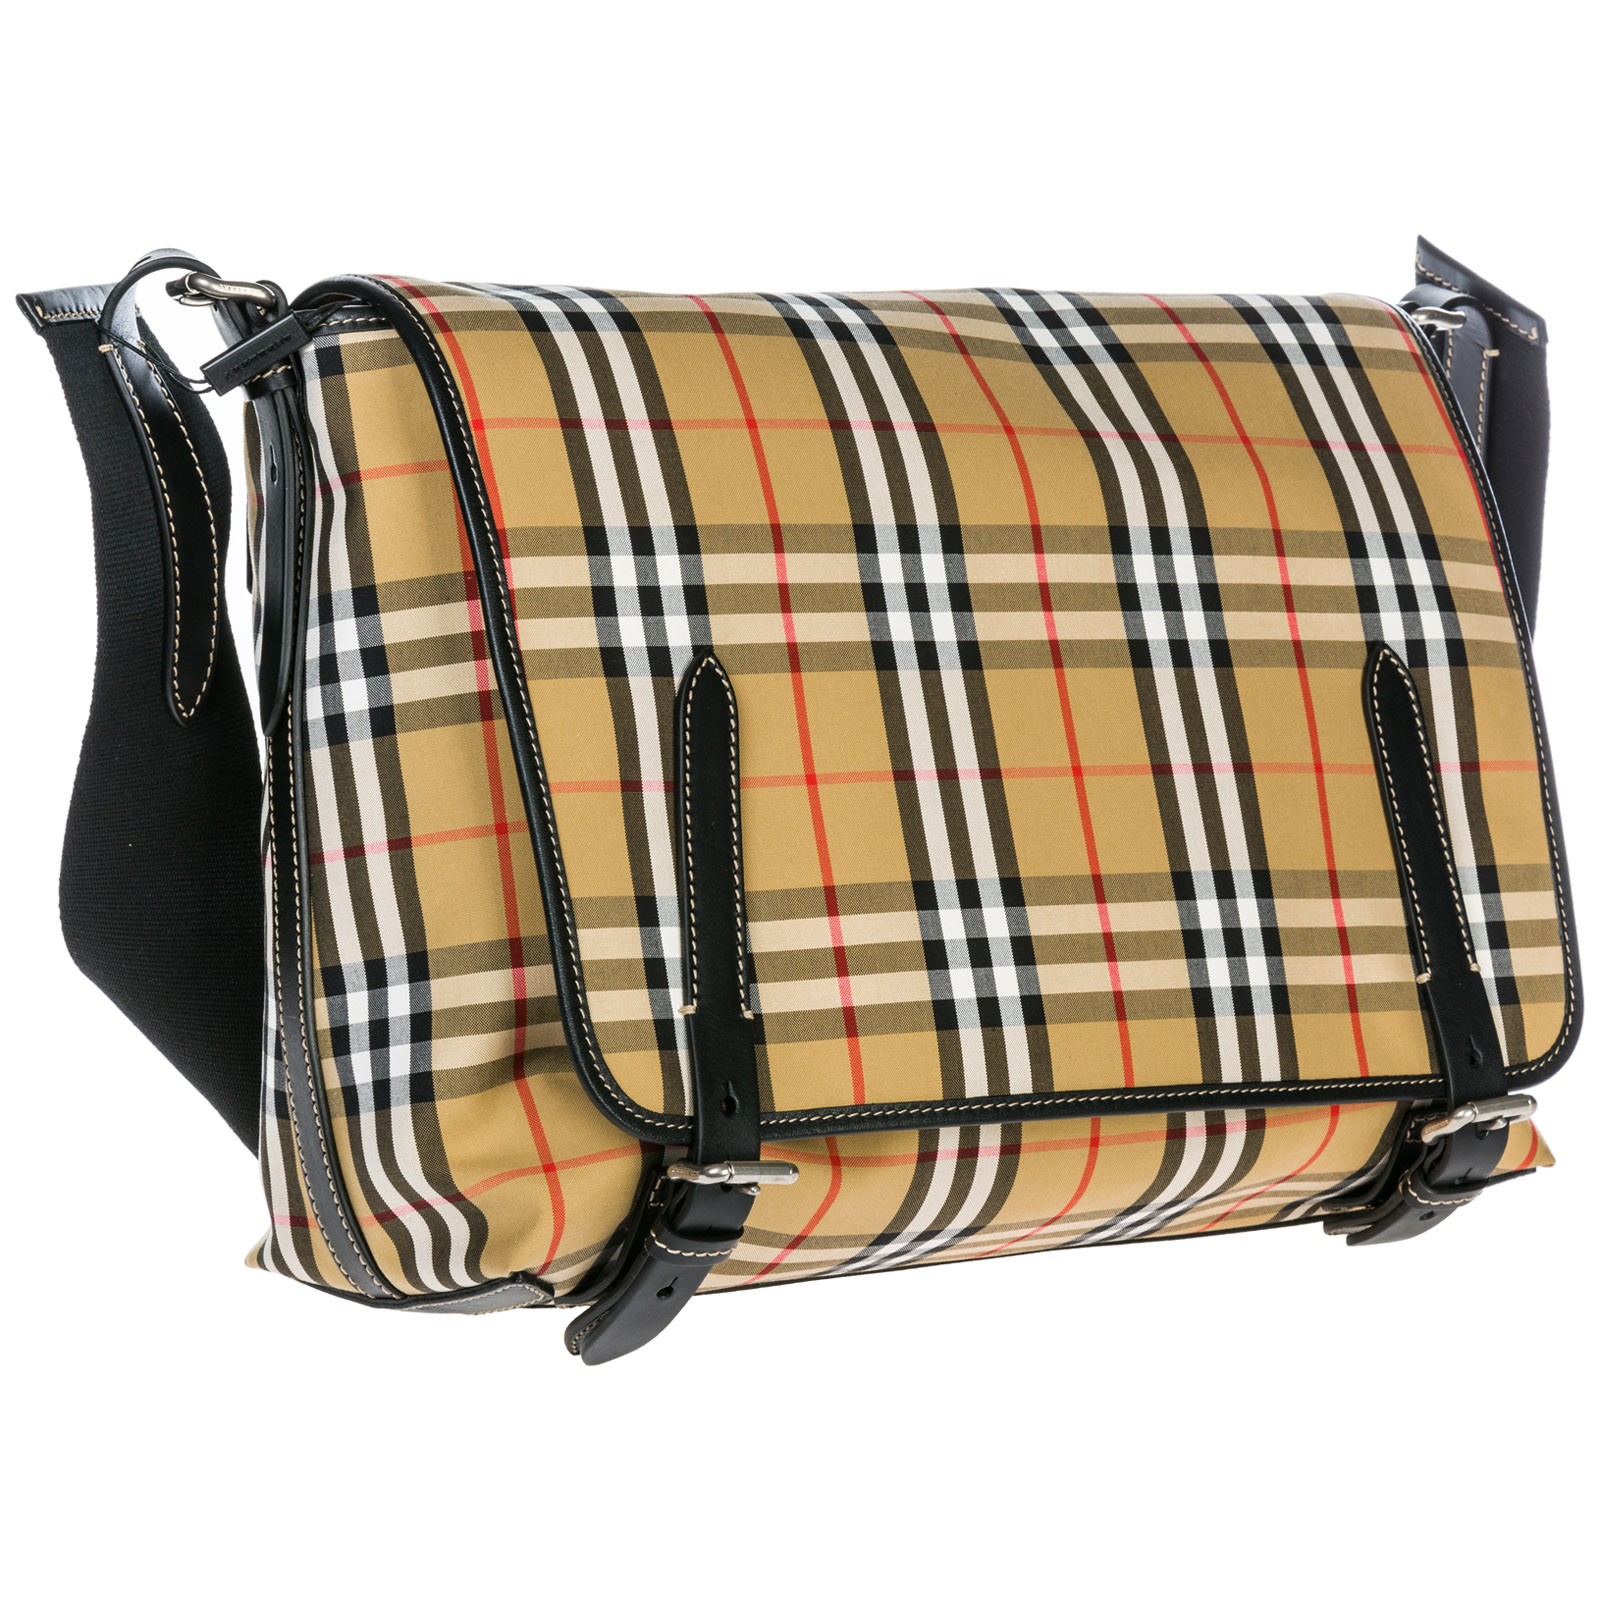 9e52a3b4d237 ... Men s cross-body messenger shoulder bag burleigh ...